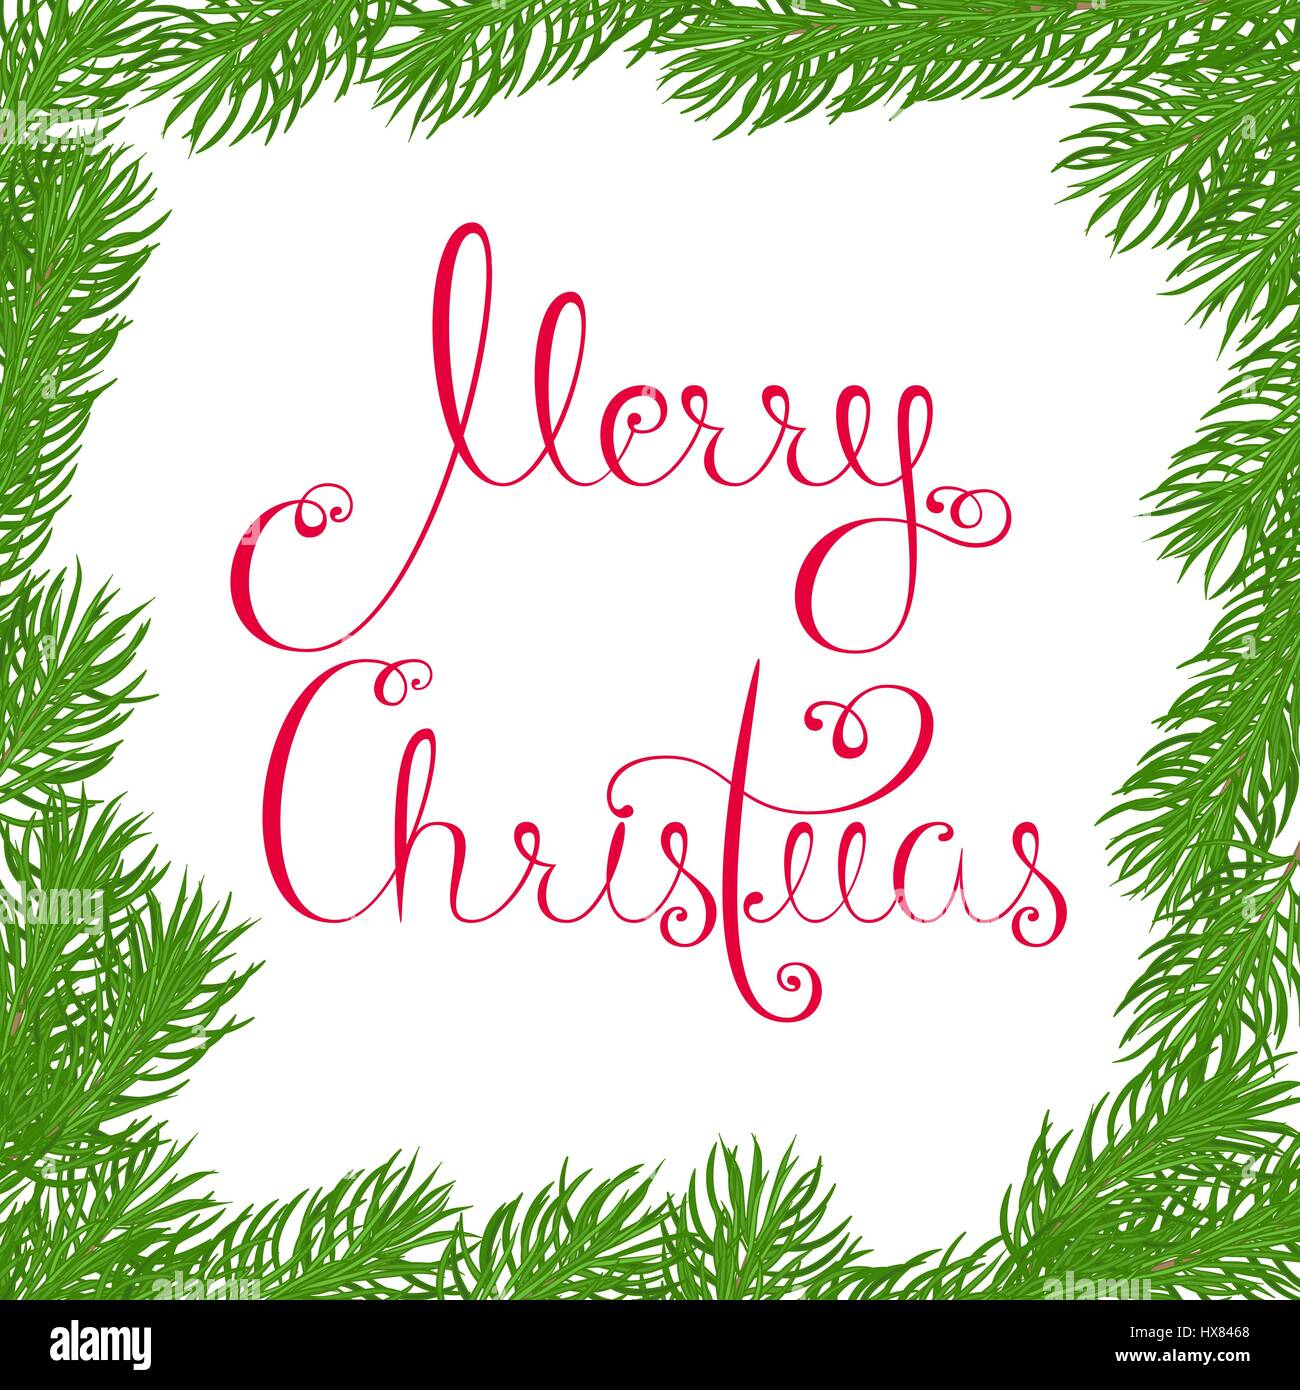 Weihnachten Grüße Bilder.Festliche Quadratischen Rahmen Aus Tannenzweigen Mit Frohe